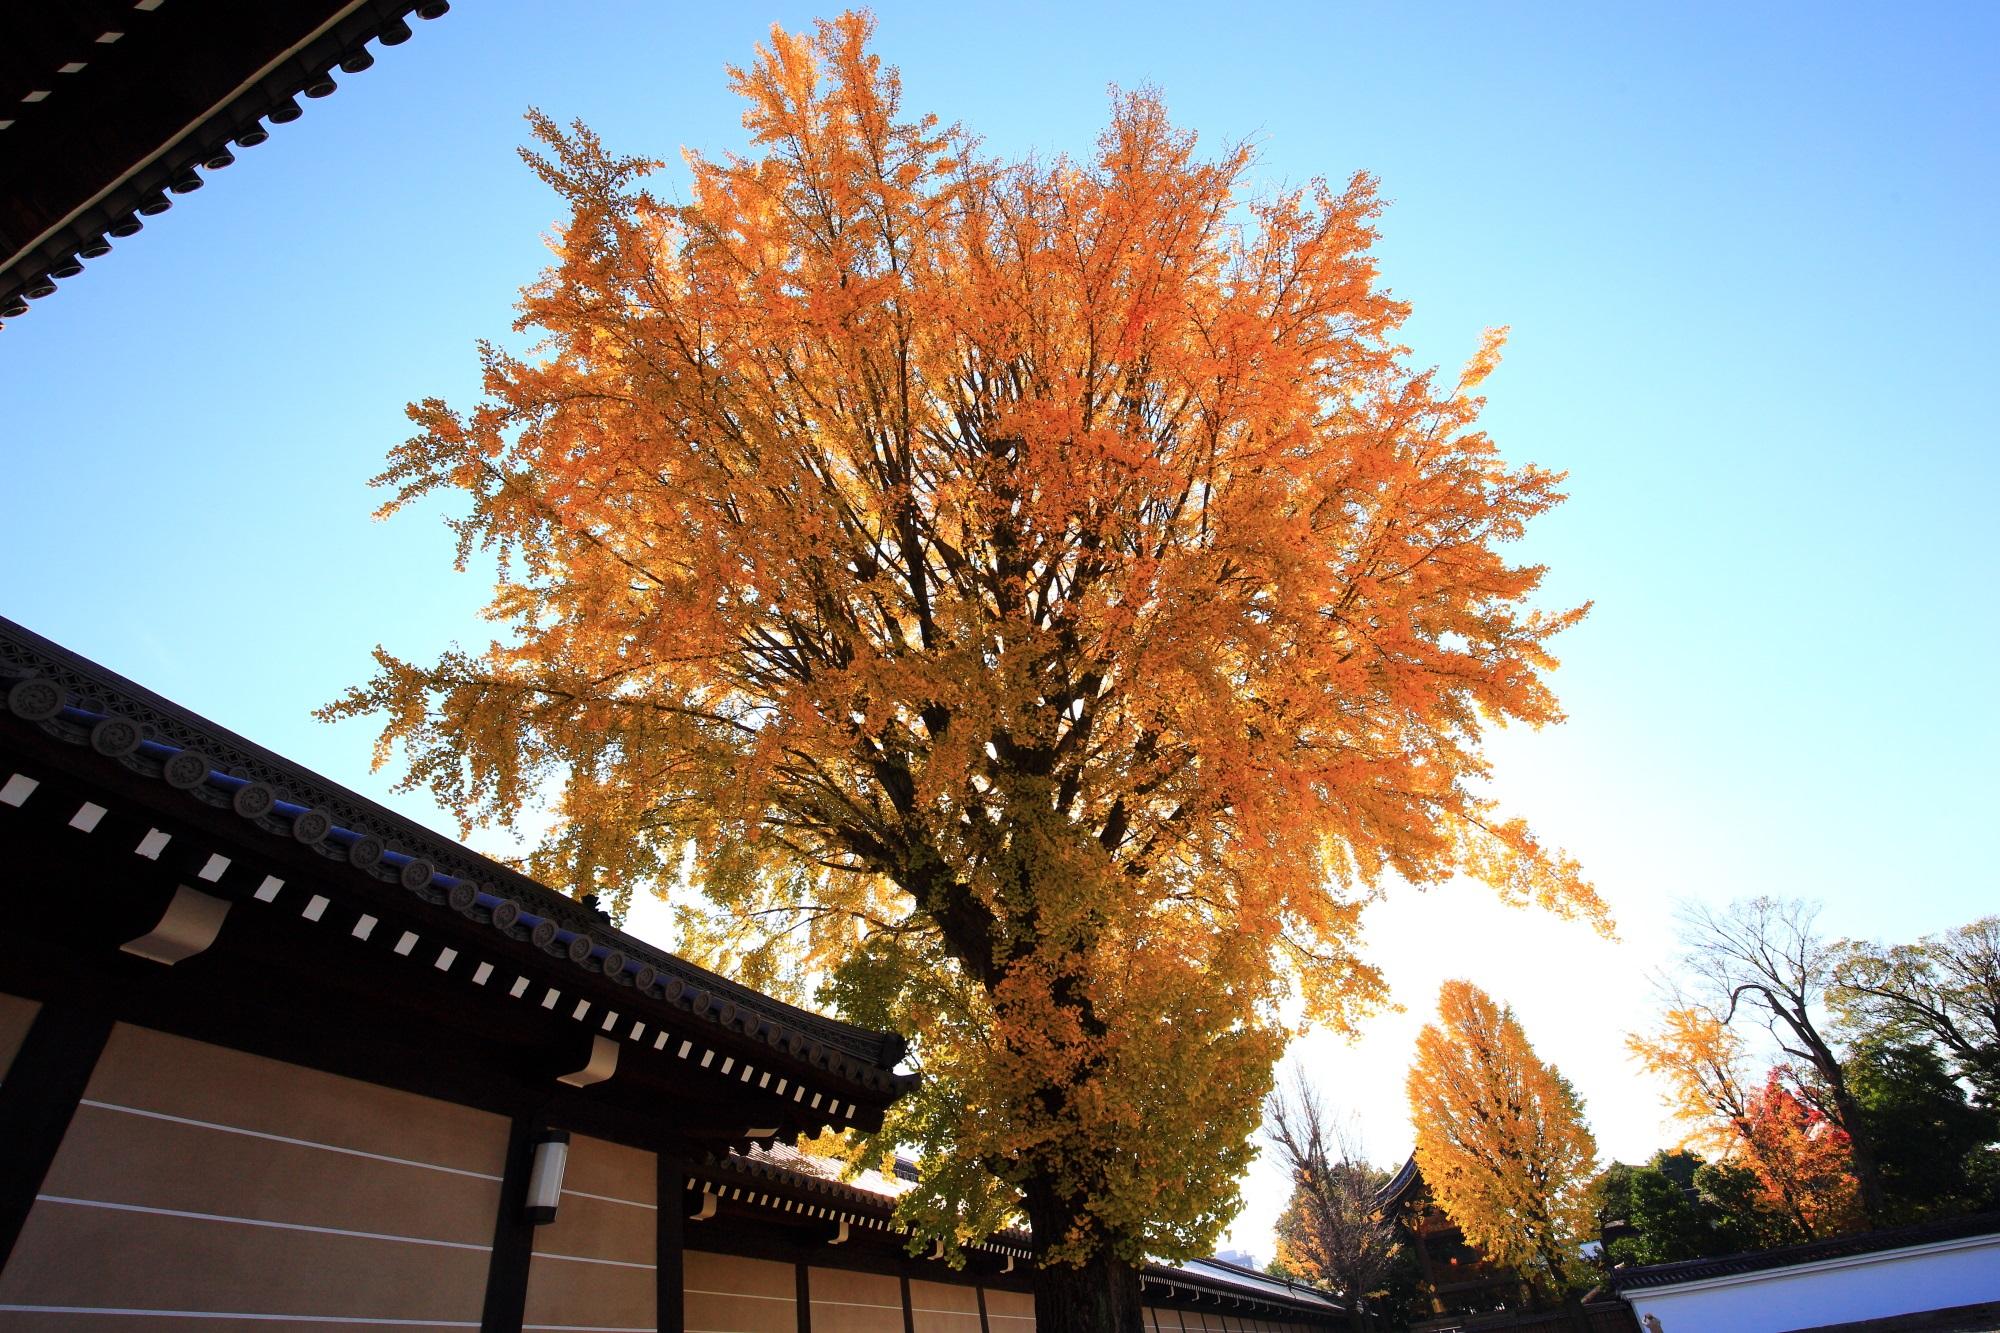 西本願寺の御影堂門横の鮮やかな見事な銀杏